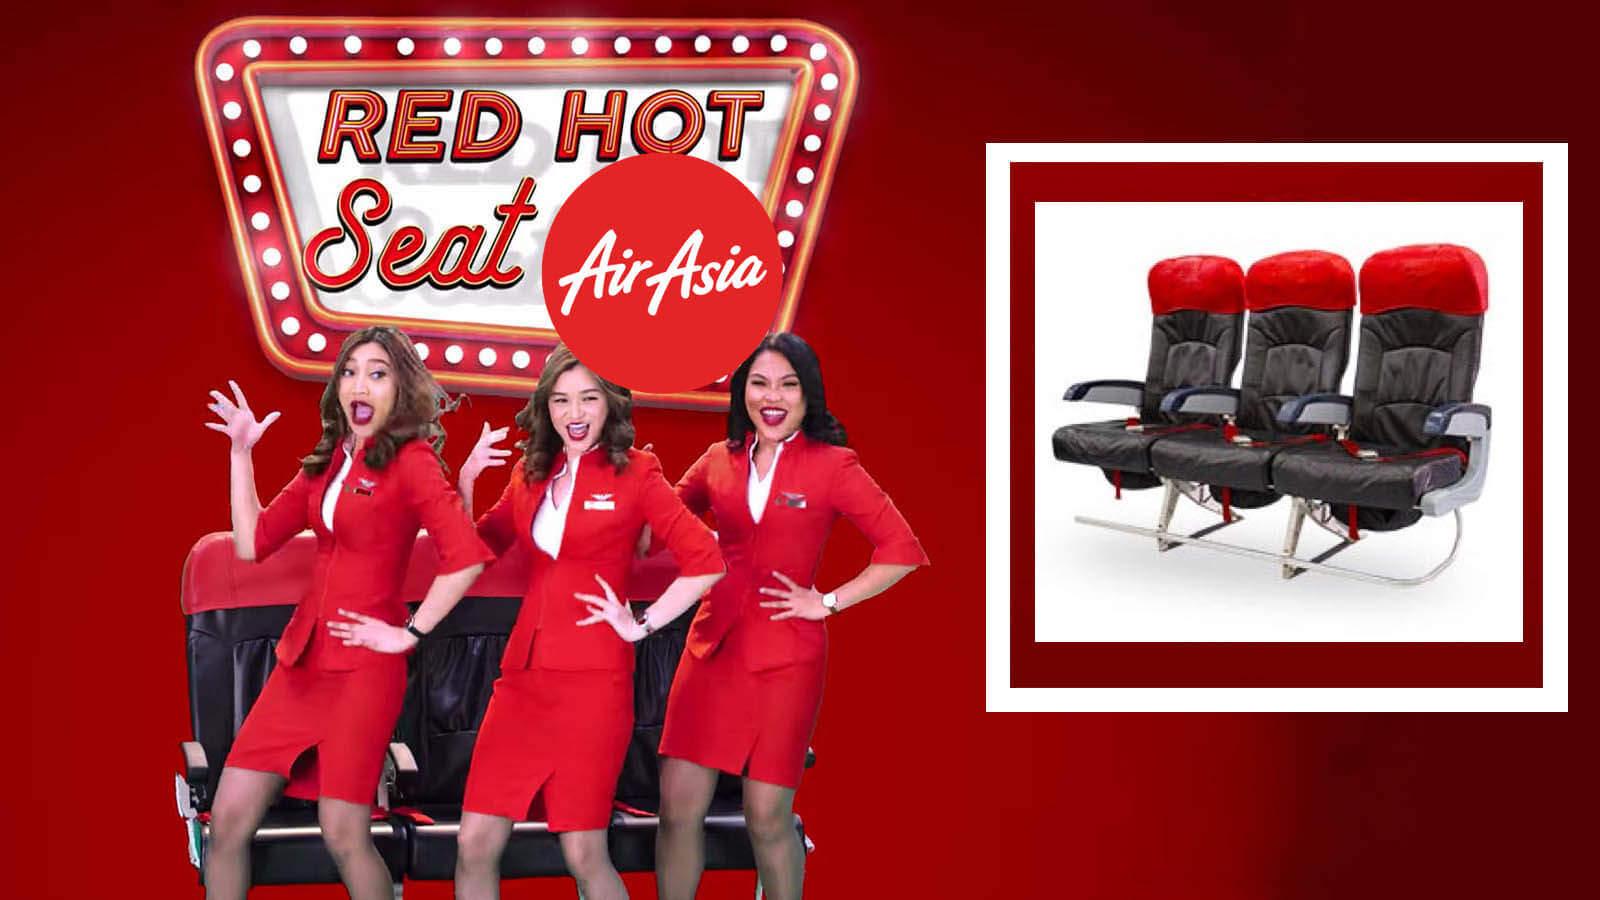 AirAsia Hot Seats Offer